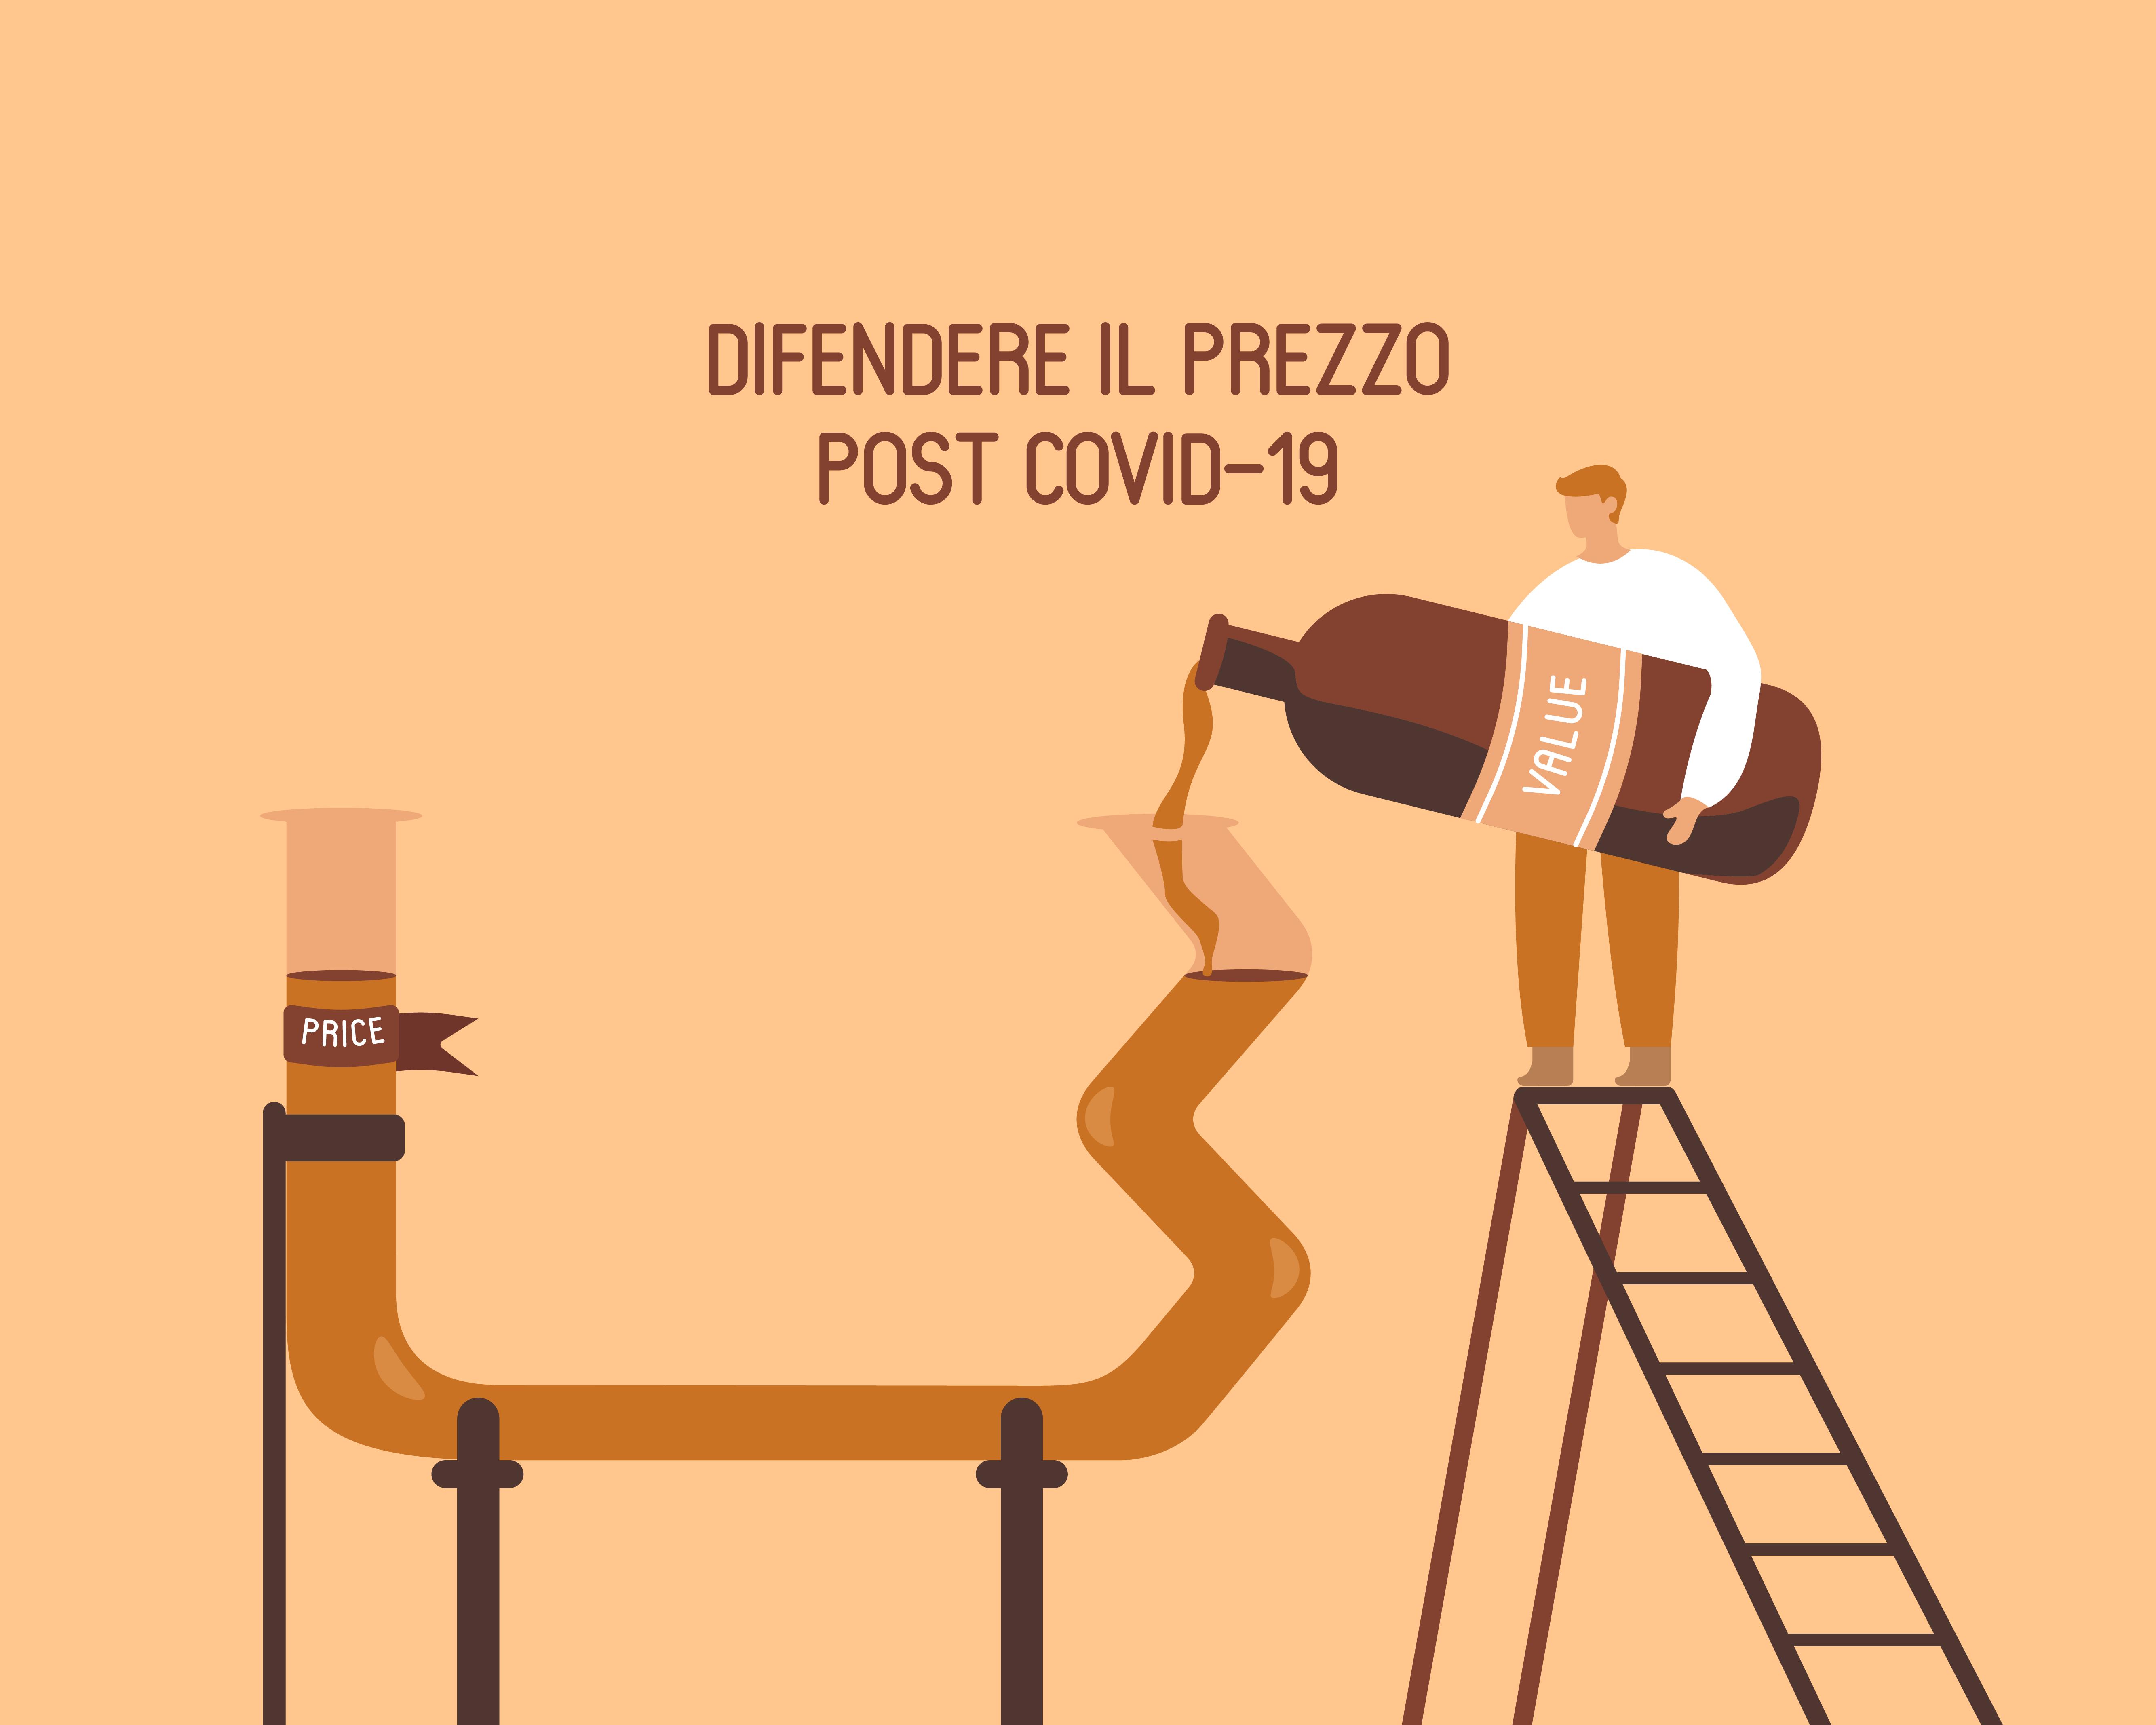 Difendere il prezzo post Covid-19